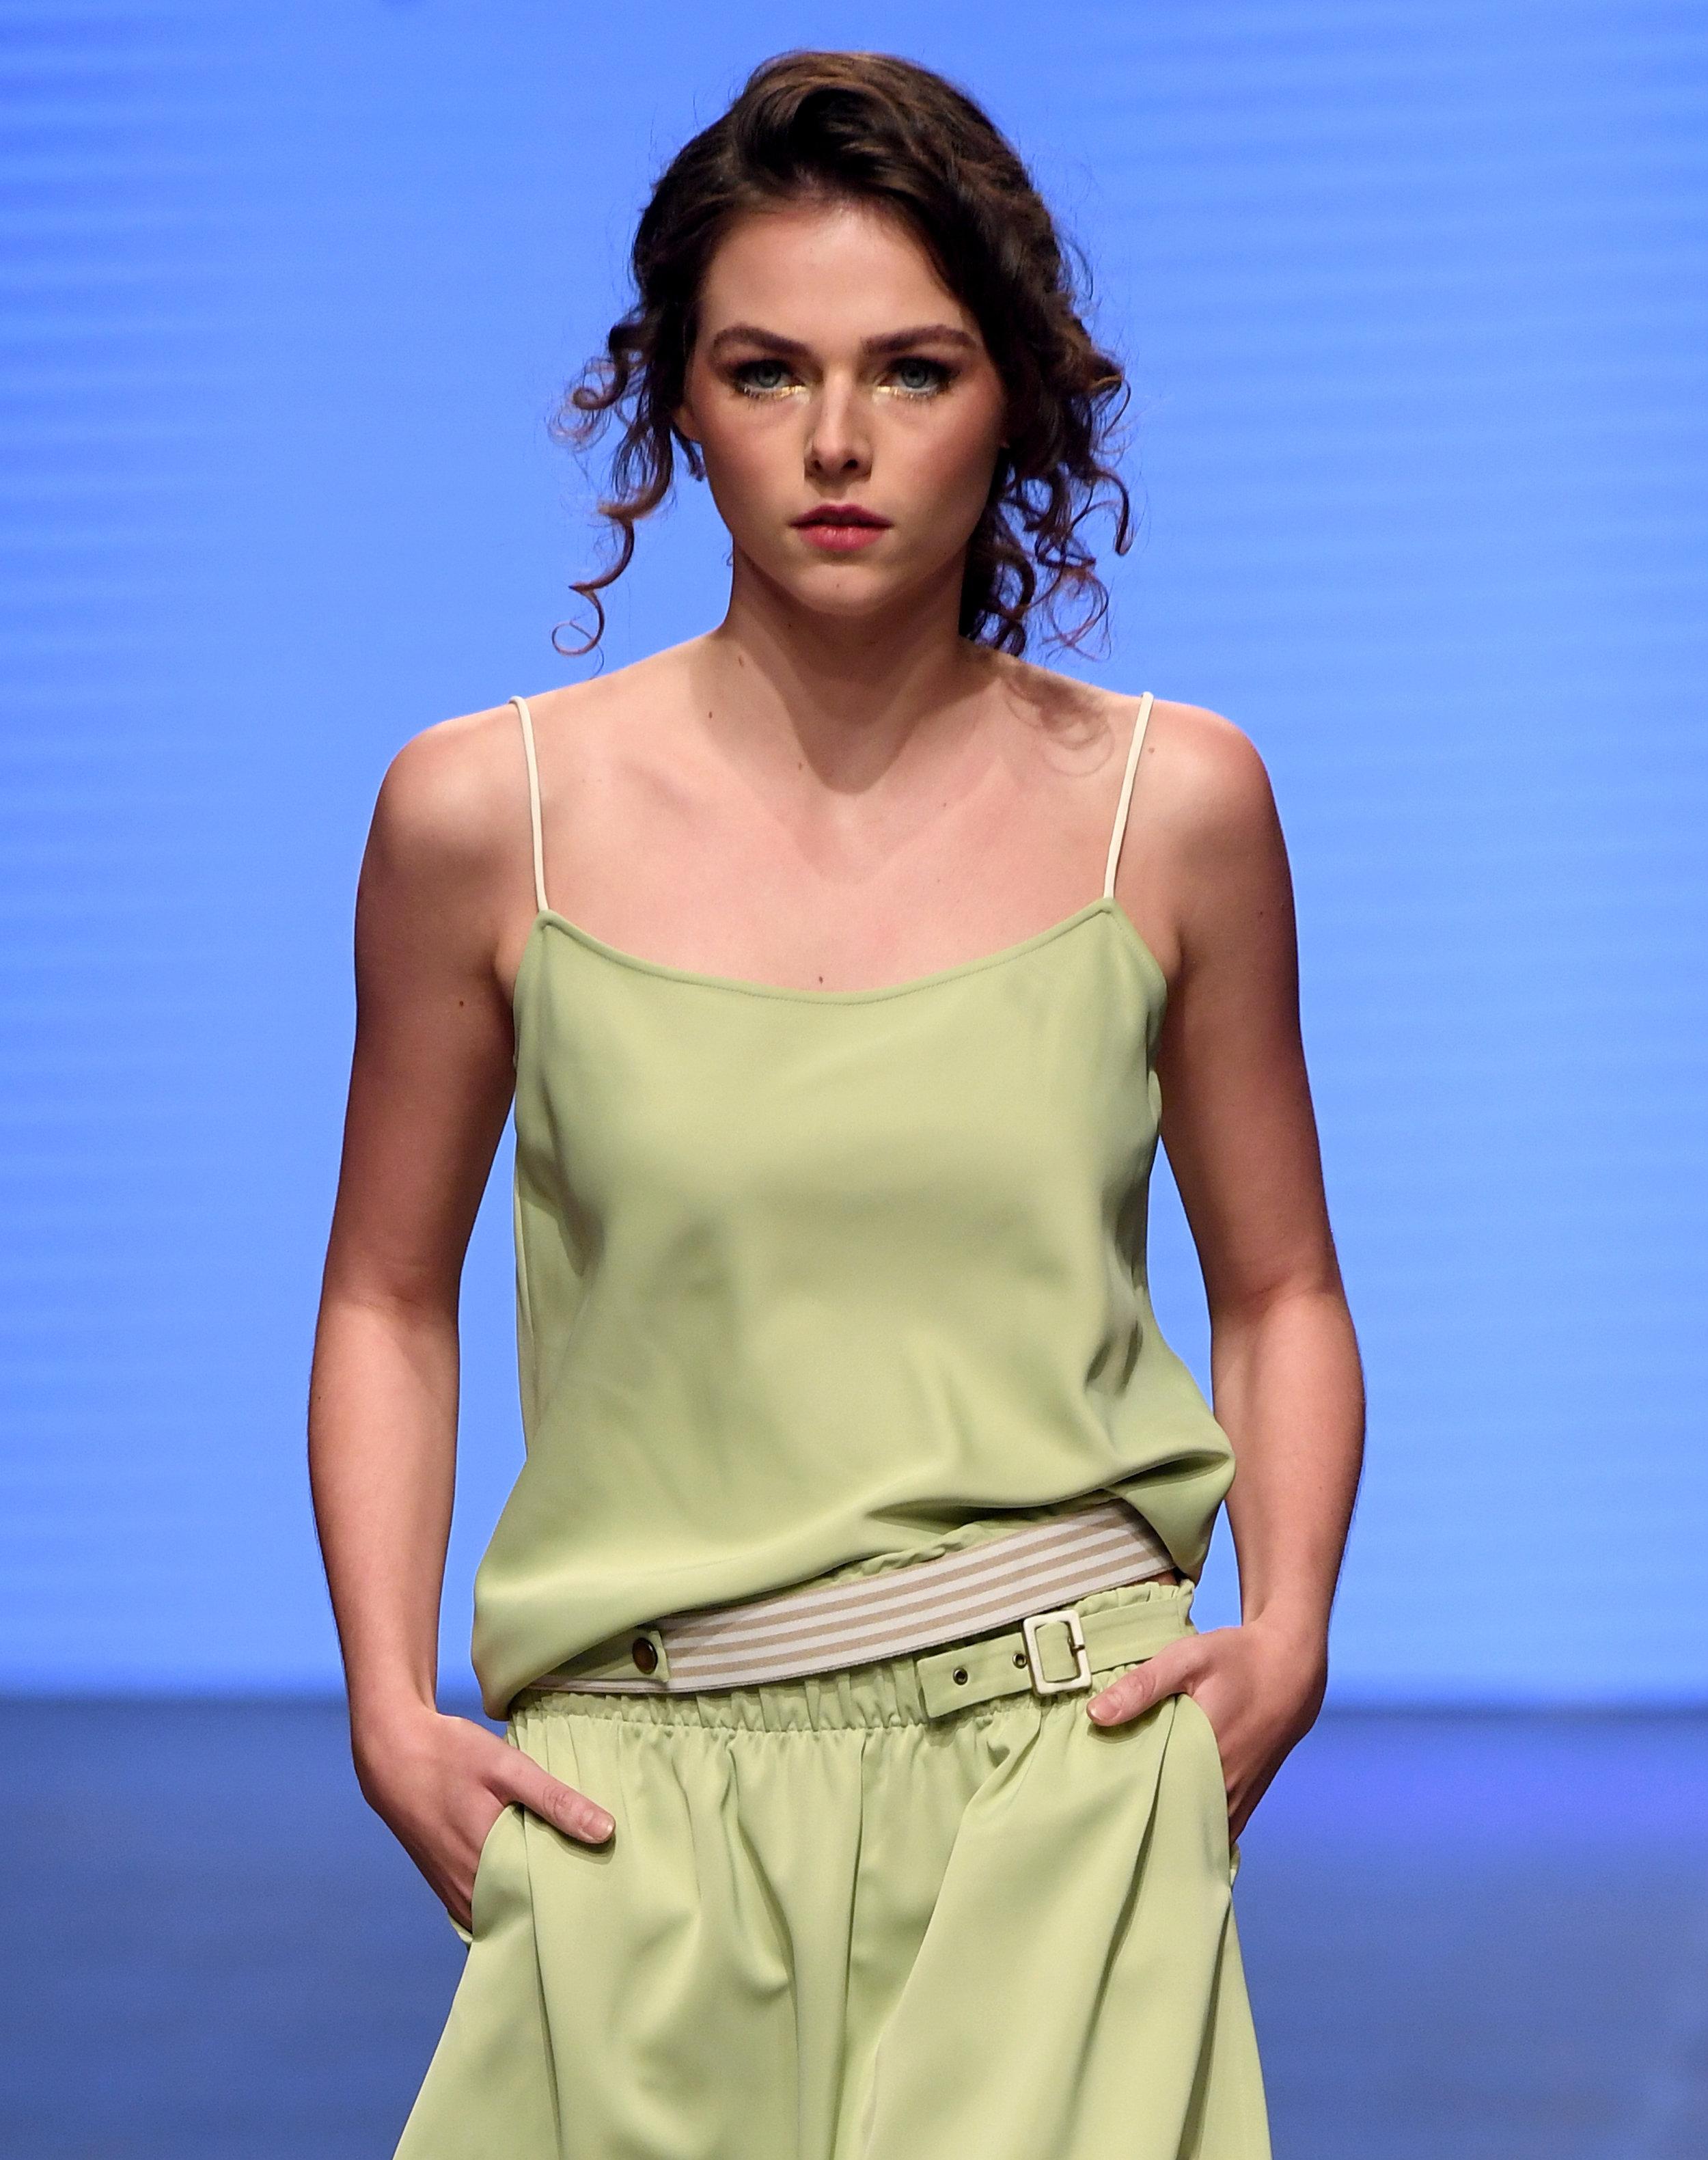 Kristina Fidelskaya